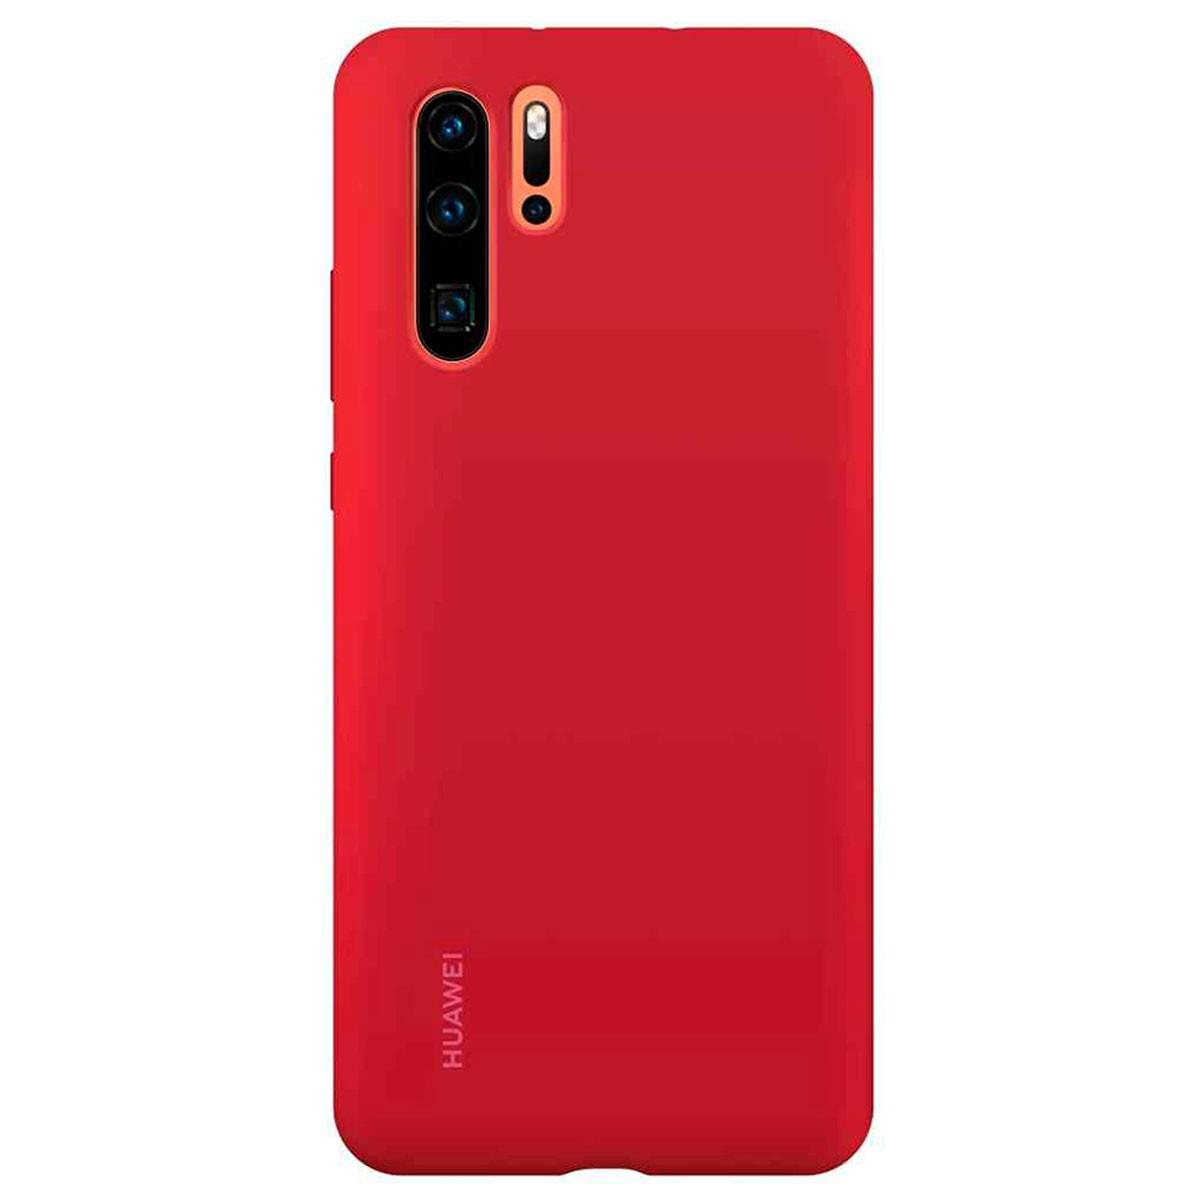 Capa Protetora Silicone Huawei P30 Pro Vermelha Original